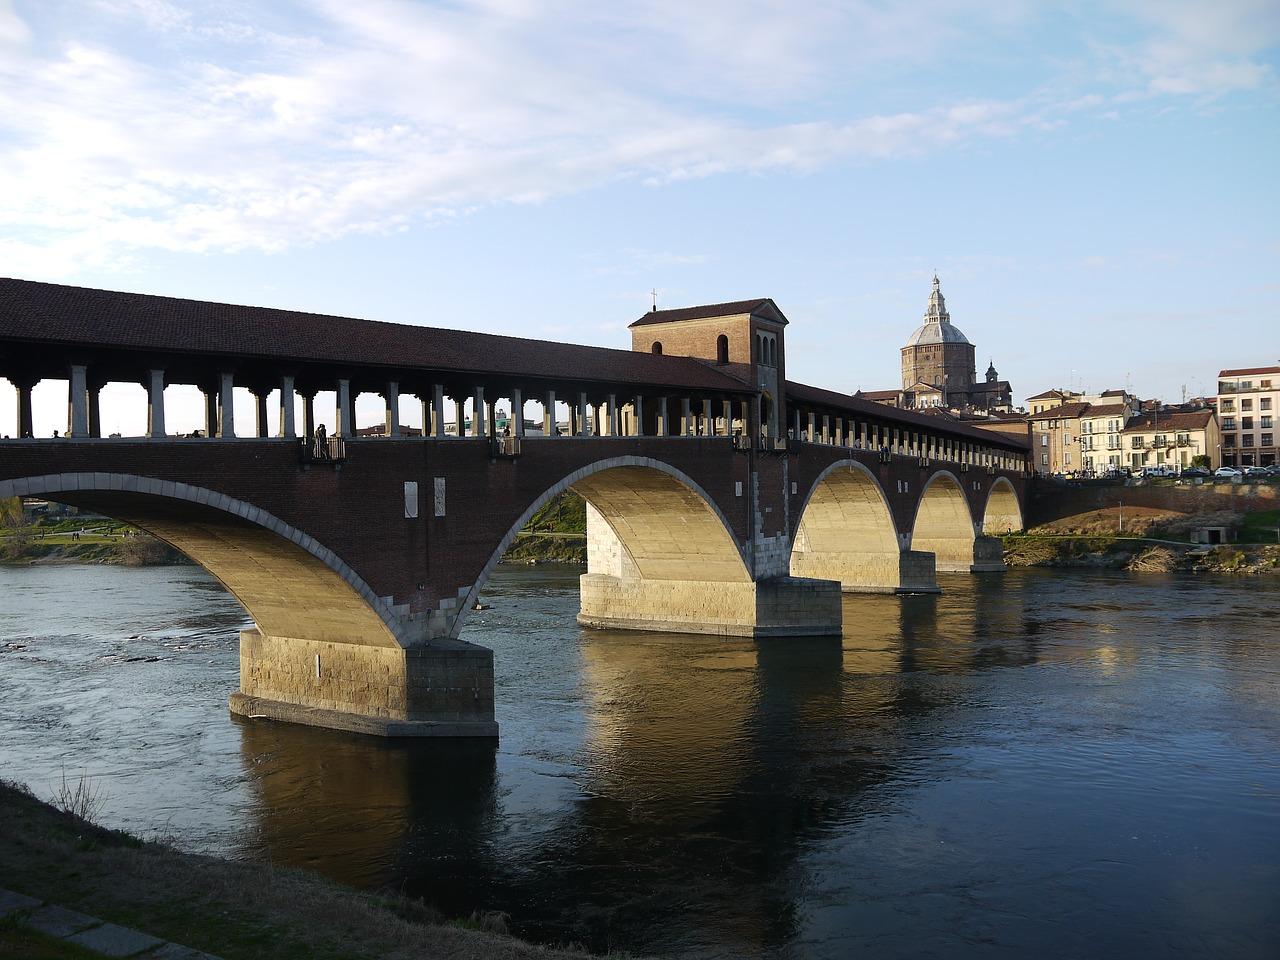 Vistas del puente sobre el río Ticino en Pavía